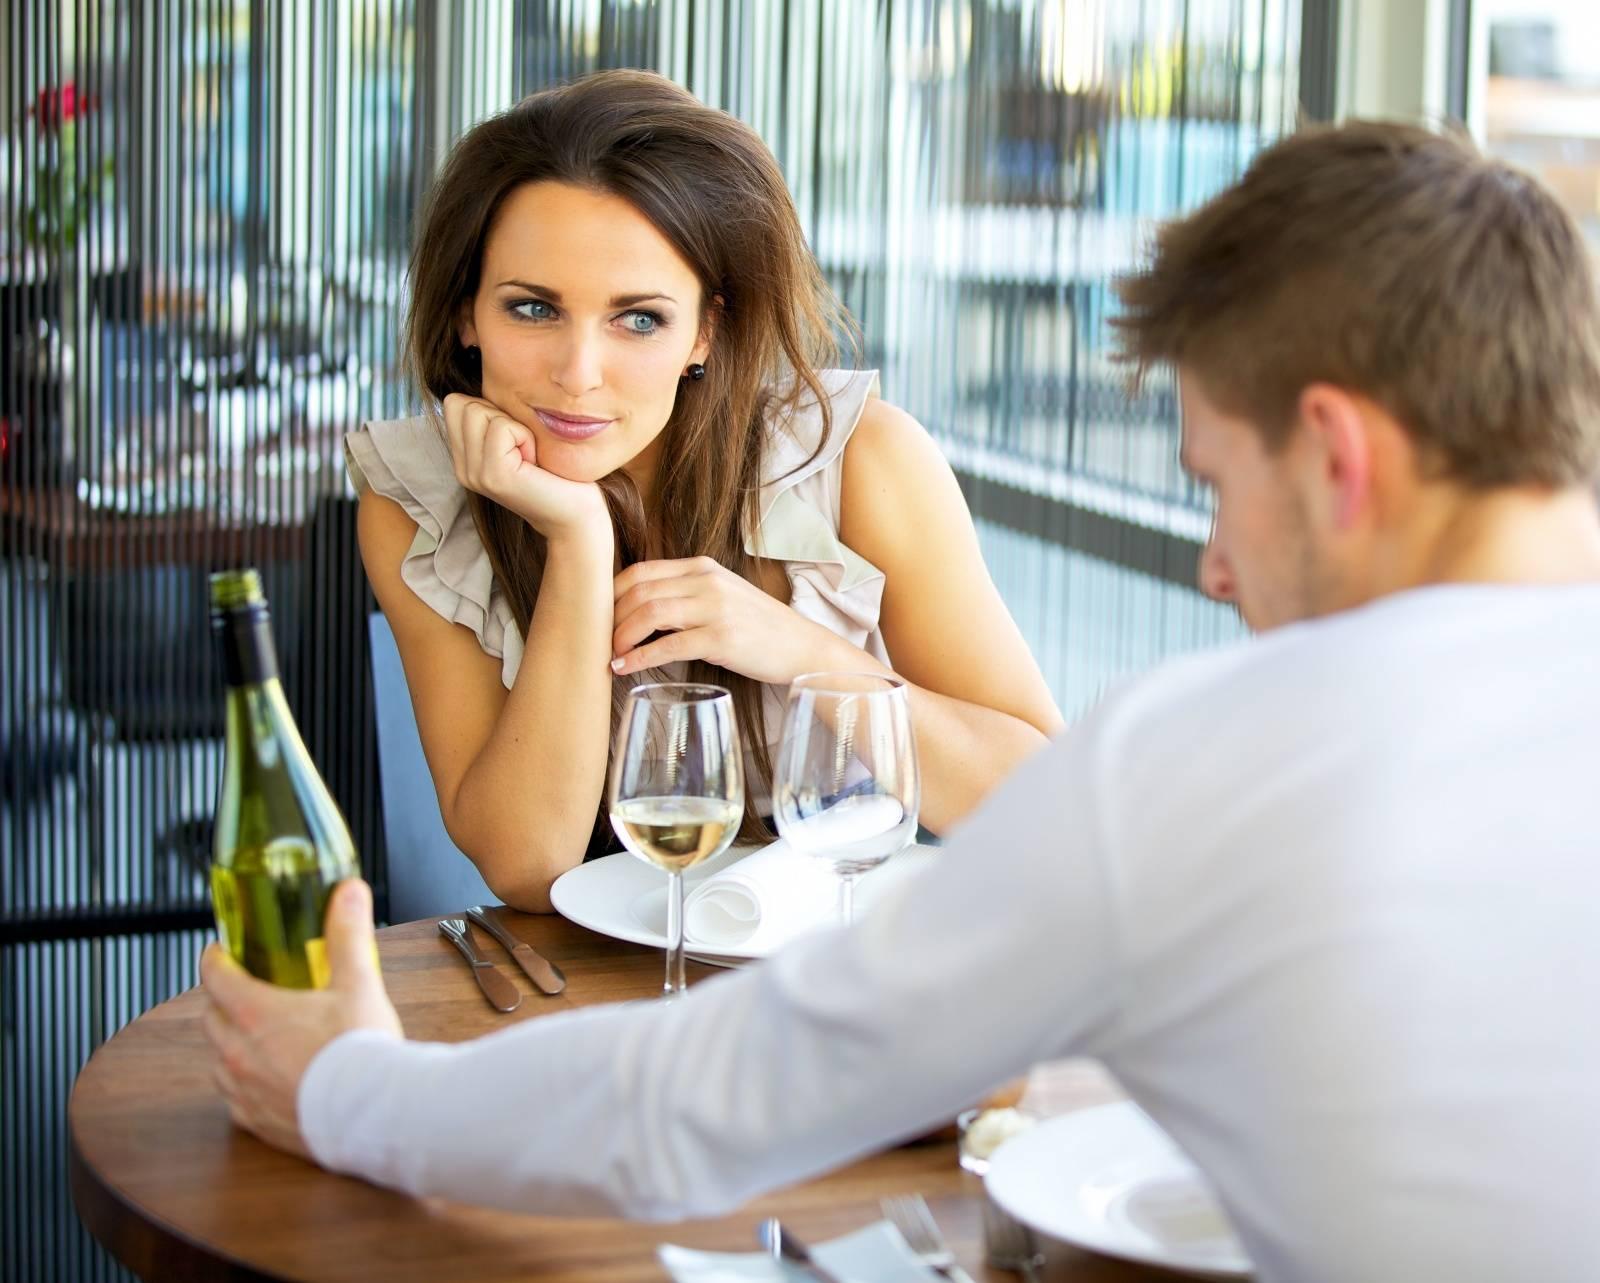 sugar conversasugar sugar baby daddy casal mundo relacionamento chat meu patrocinio meupatrocinio